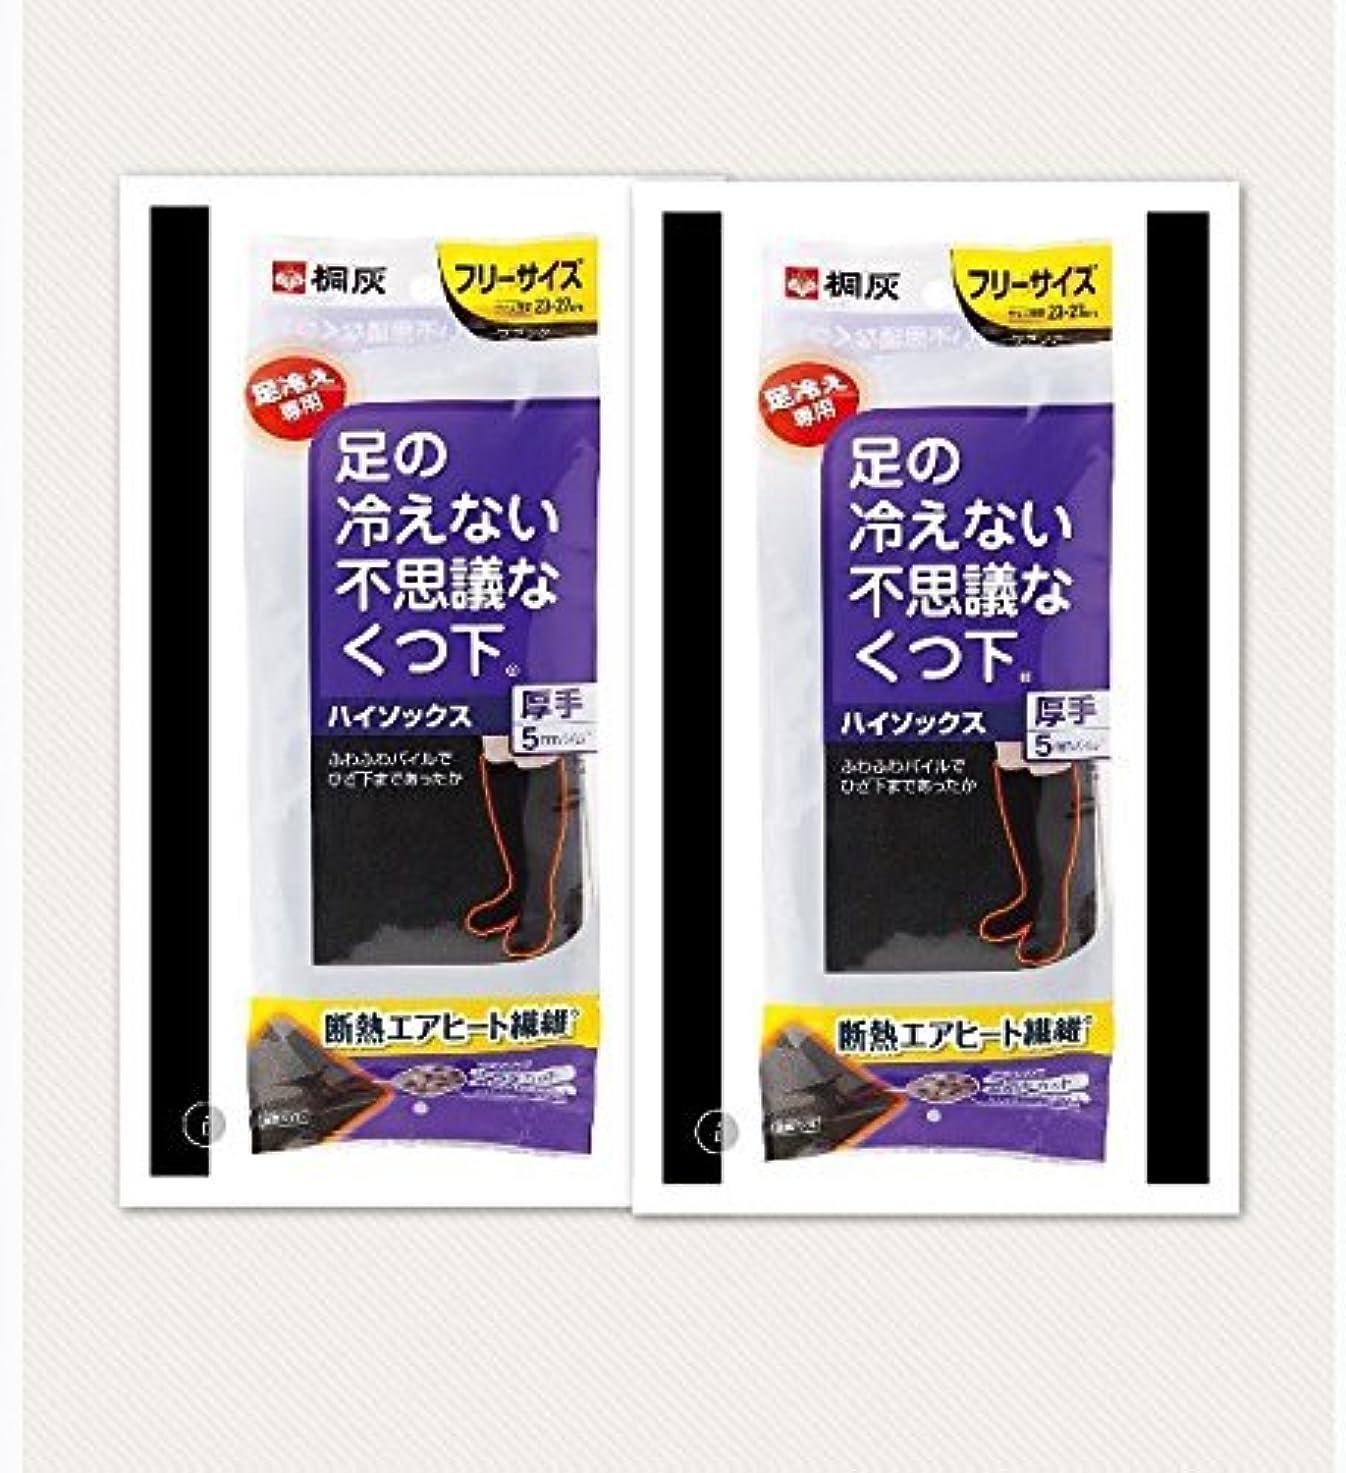 転用概要圧縮された足の冷えない不思議なくつ下 ハイソックス 厚手 ブラック フリーサイズ×2個